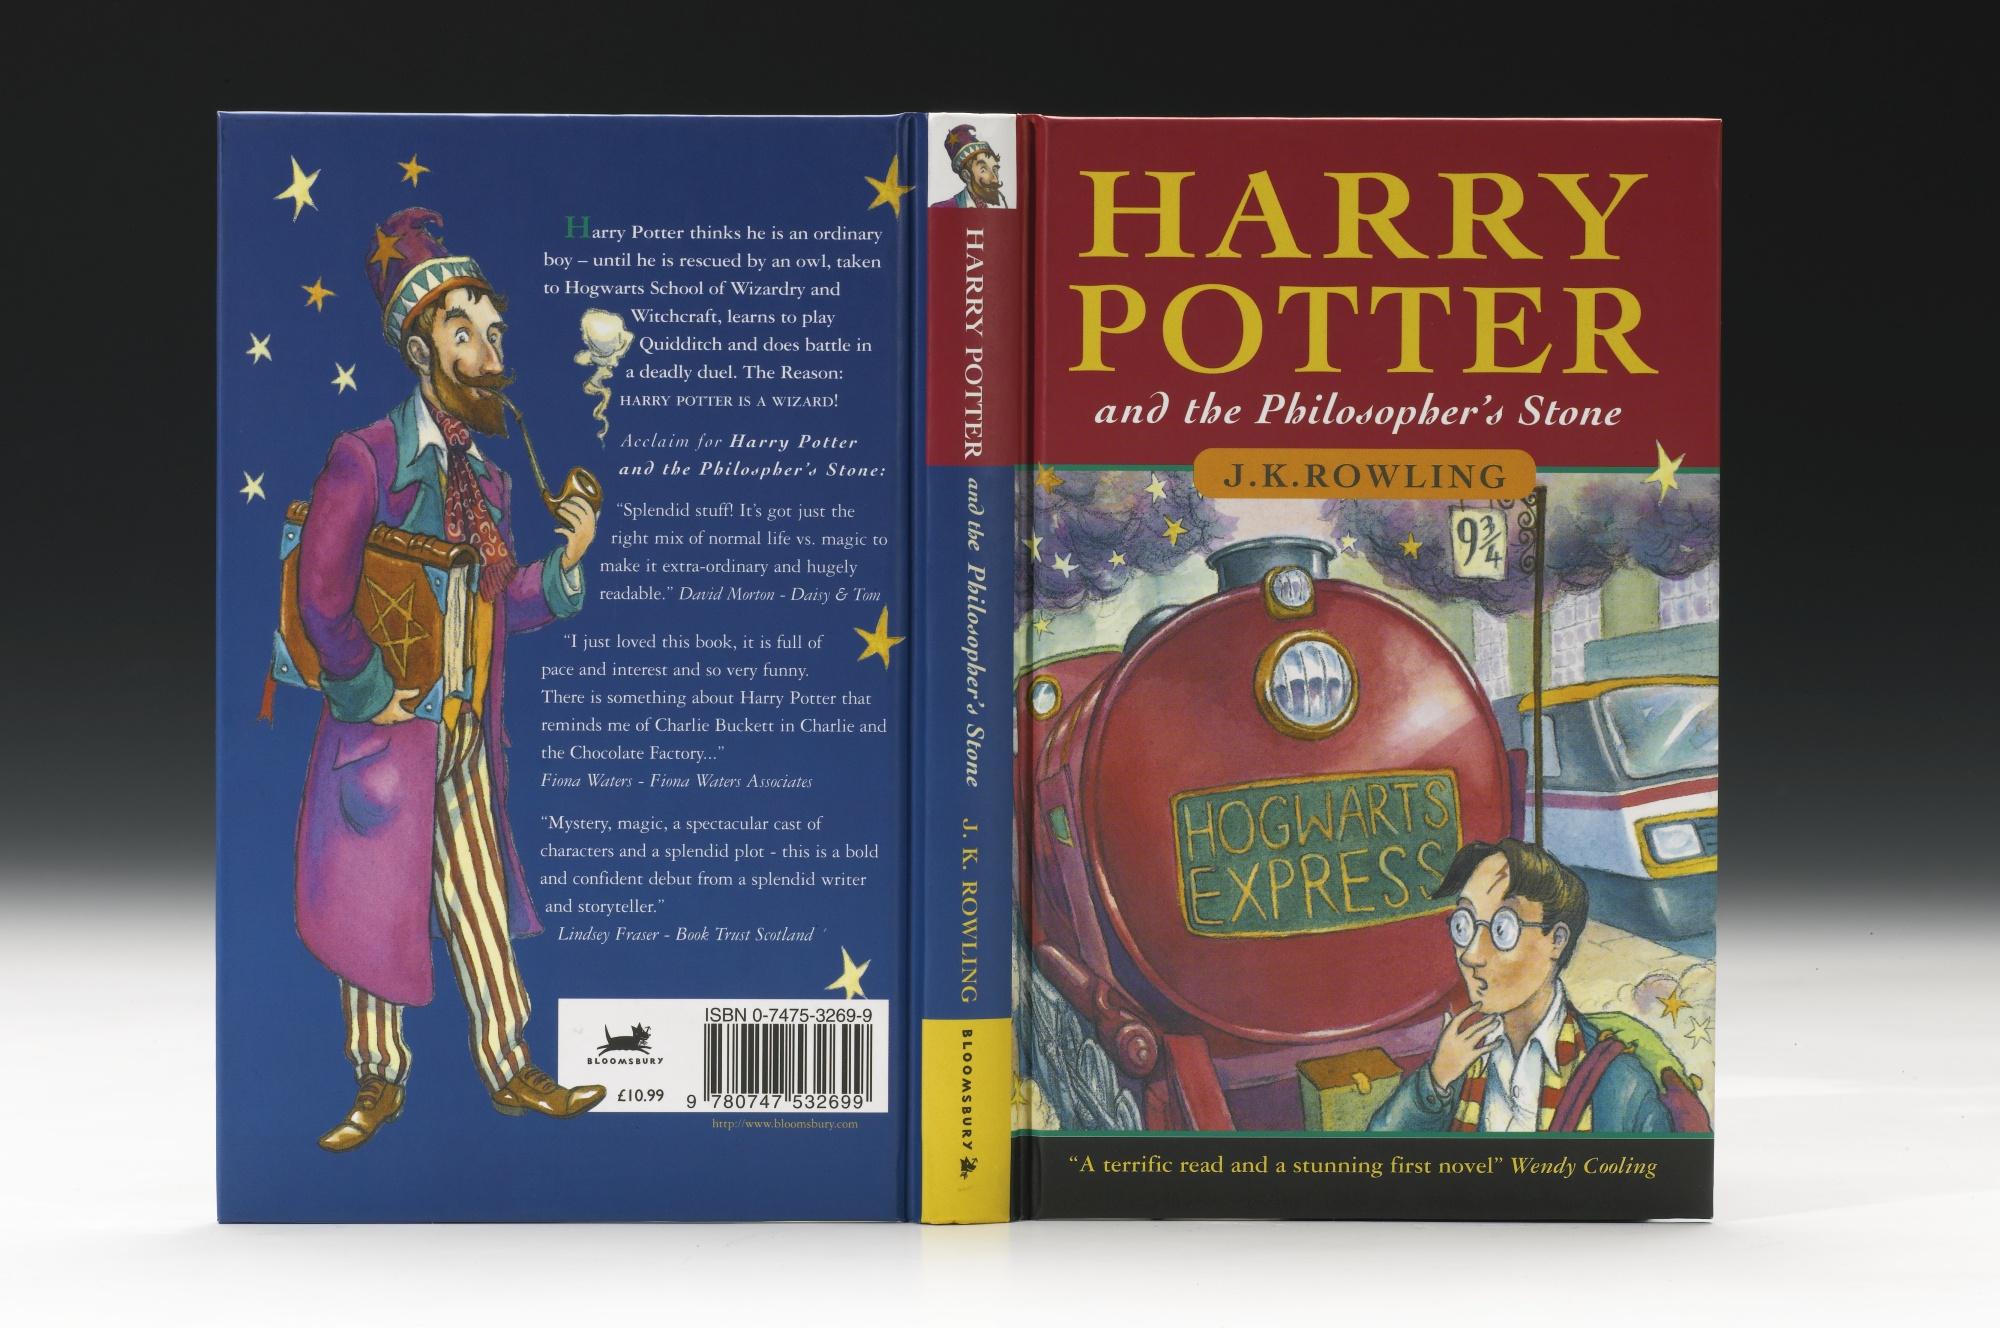 Primera edición del libro Harry Potter y la Piedra Filosofal | Sotheby's